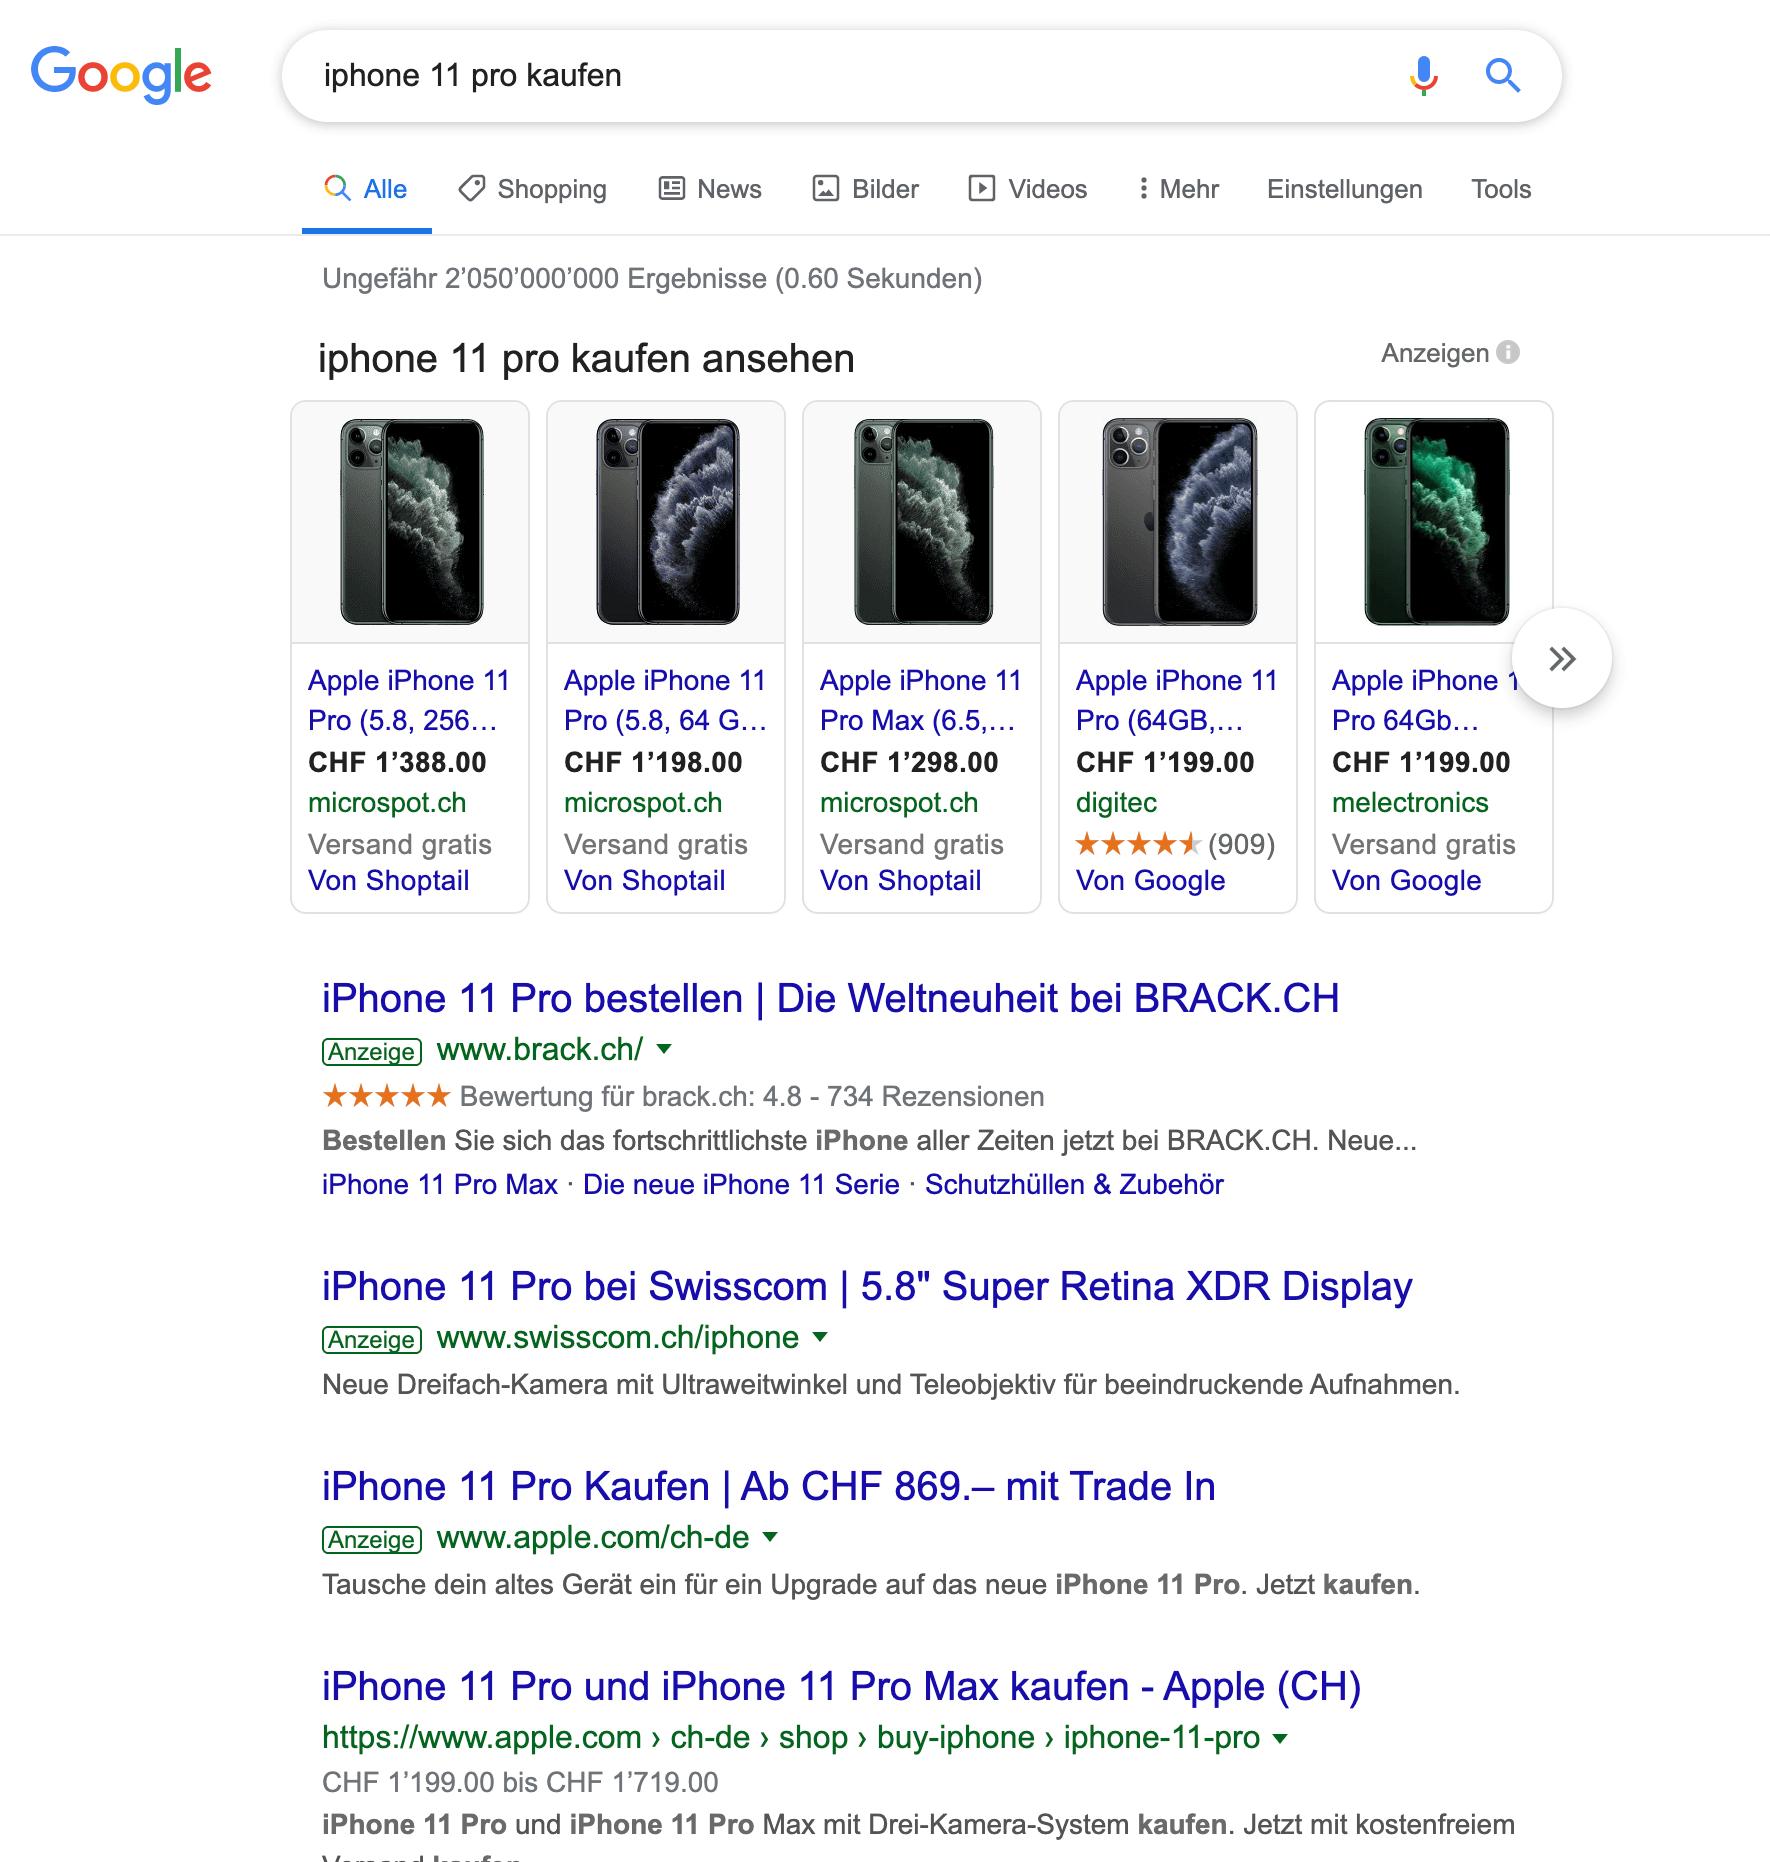 Google Suchresultat für iphone 11 pro kaufen.